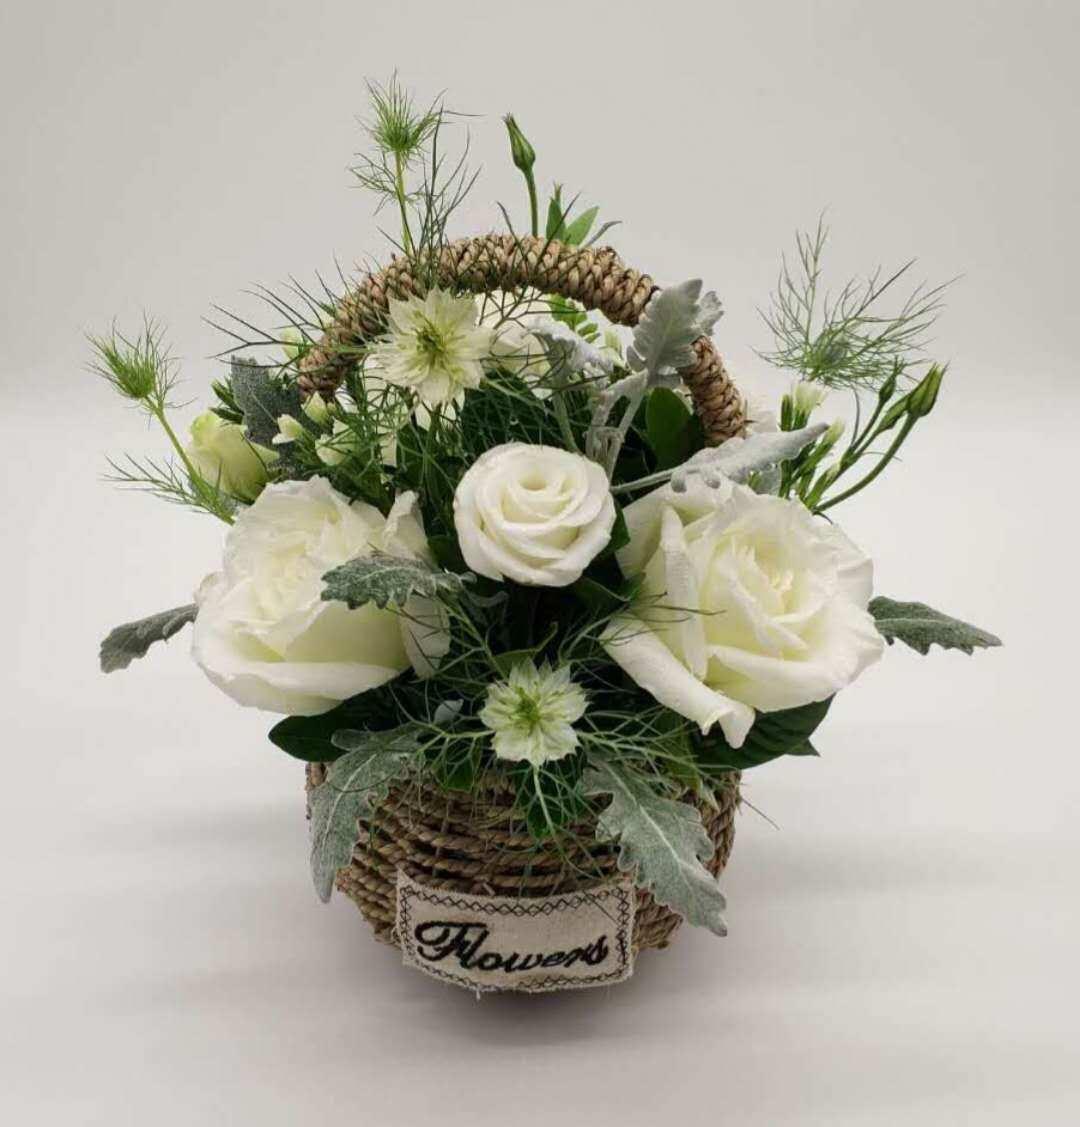 【花艺意·鲜花养护】亲手制作的花艺沙龙作品、日常收到的花礼,我该如何正确养护呢?